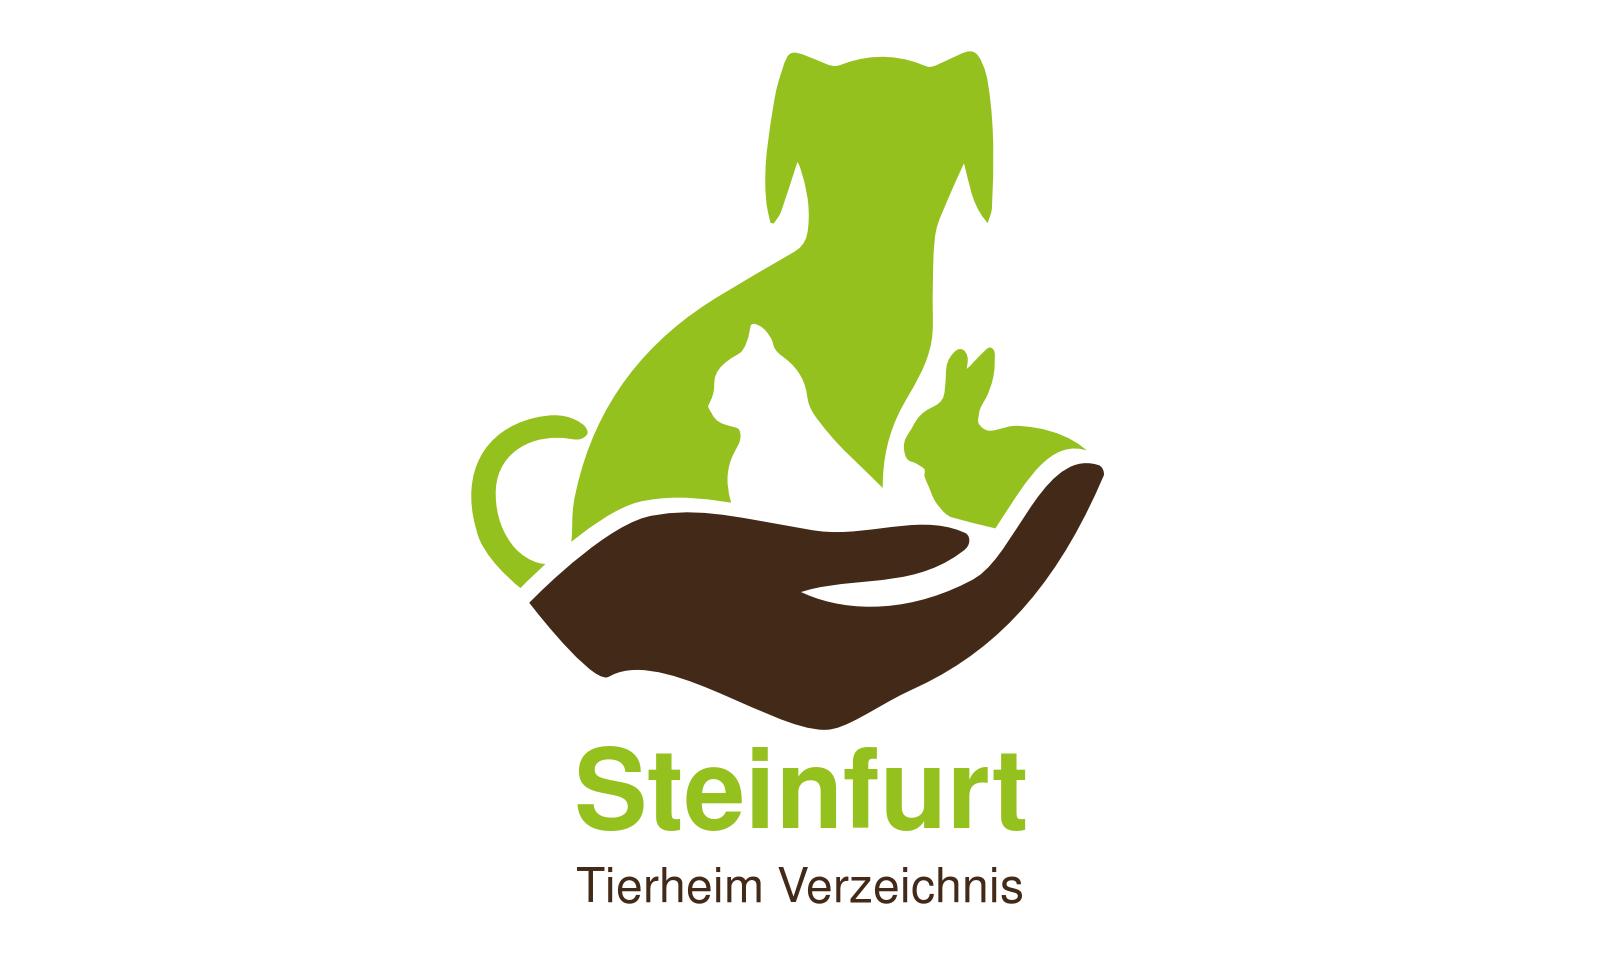 Tierheim Steinfurt